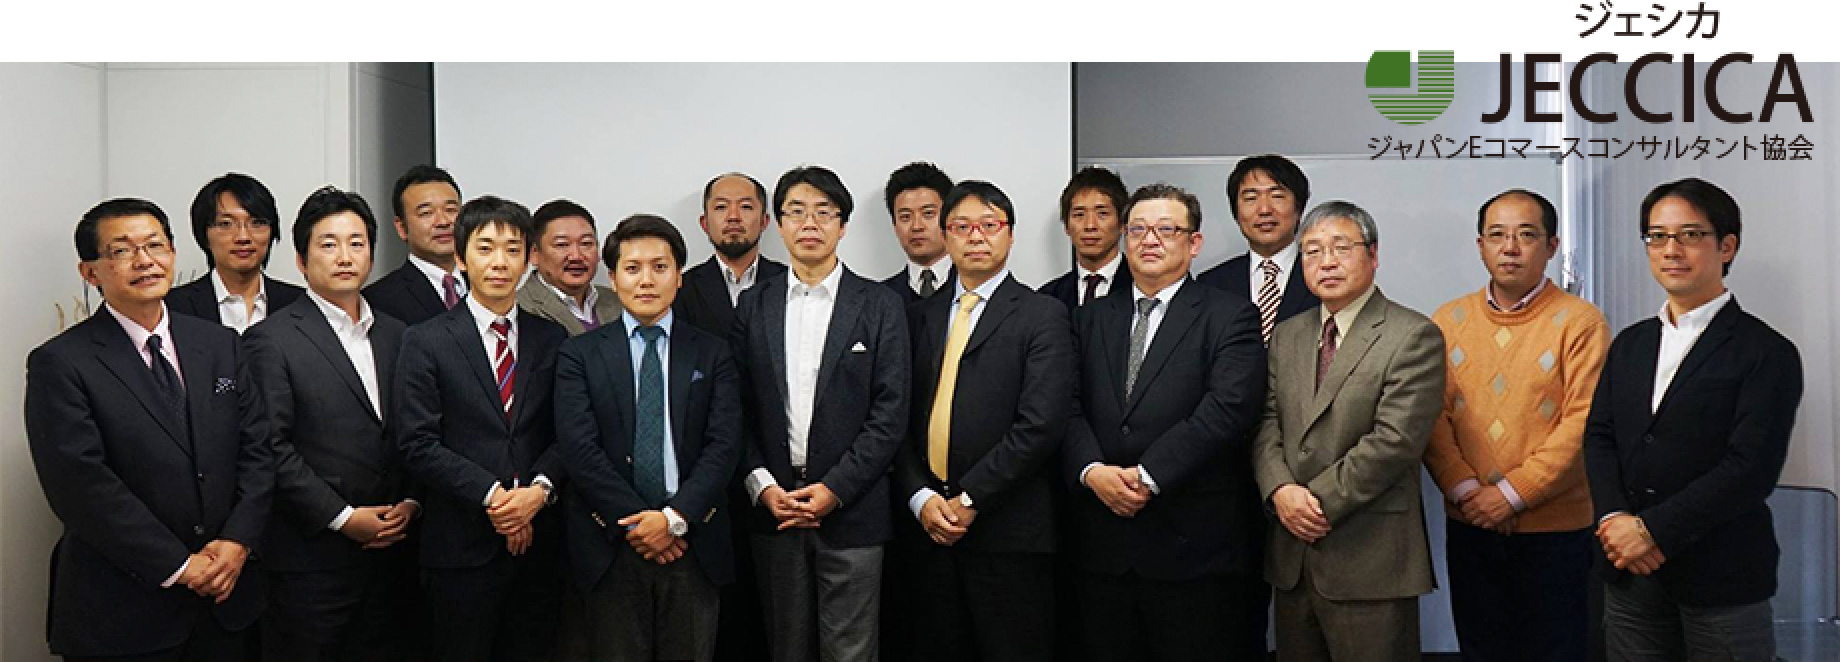 一般社団法人ジャパンEコマースコンサルタント協会